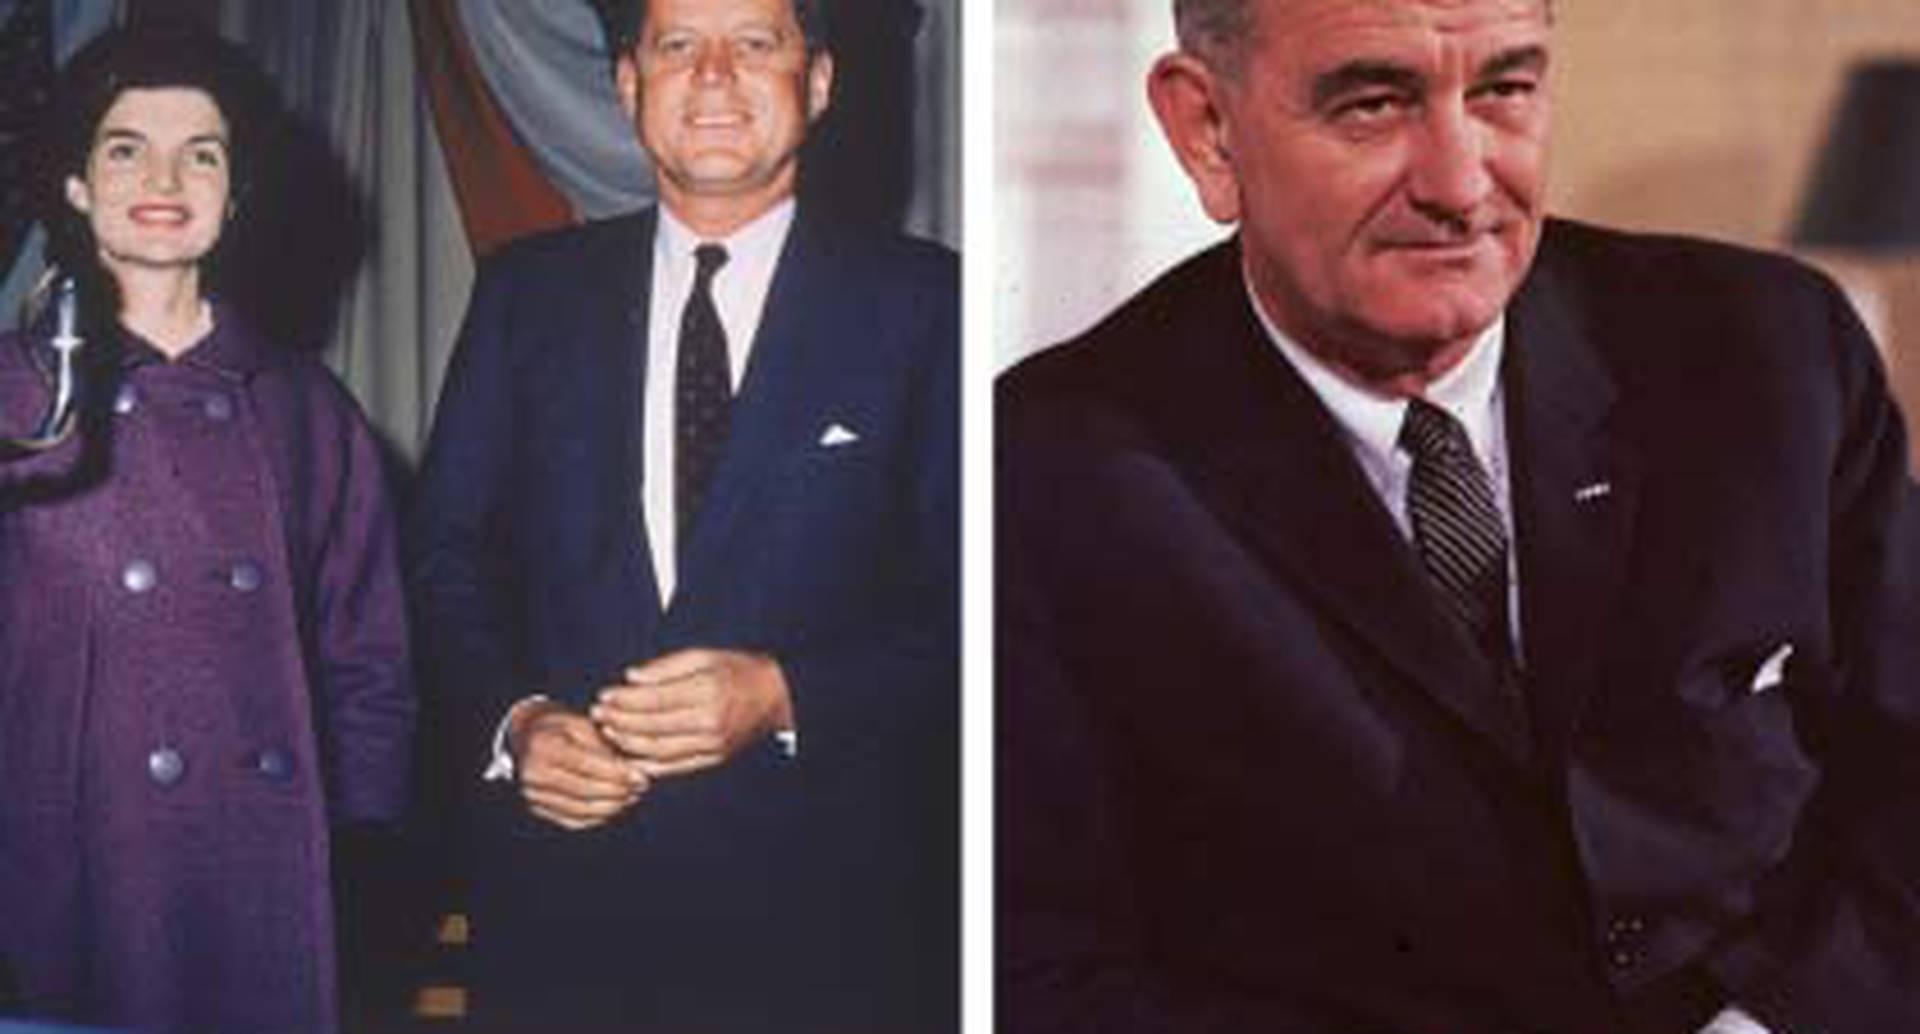 Según sus agentes de seguridad, Kennedy tenía un apetito sexual desaforado. En su colección de mujeres estaba la jefe de prensa de su esposa Jackie. De Lyndon Johnson dijeron que era malgeniado, mujeriego y borracho, y de Jimmy Carter, que fingía trabajar mientras se encerraba a dormir en su oficina